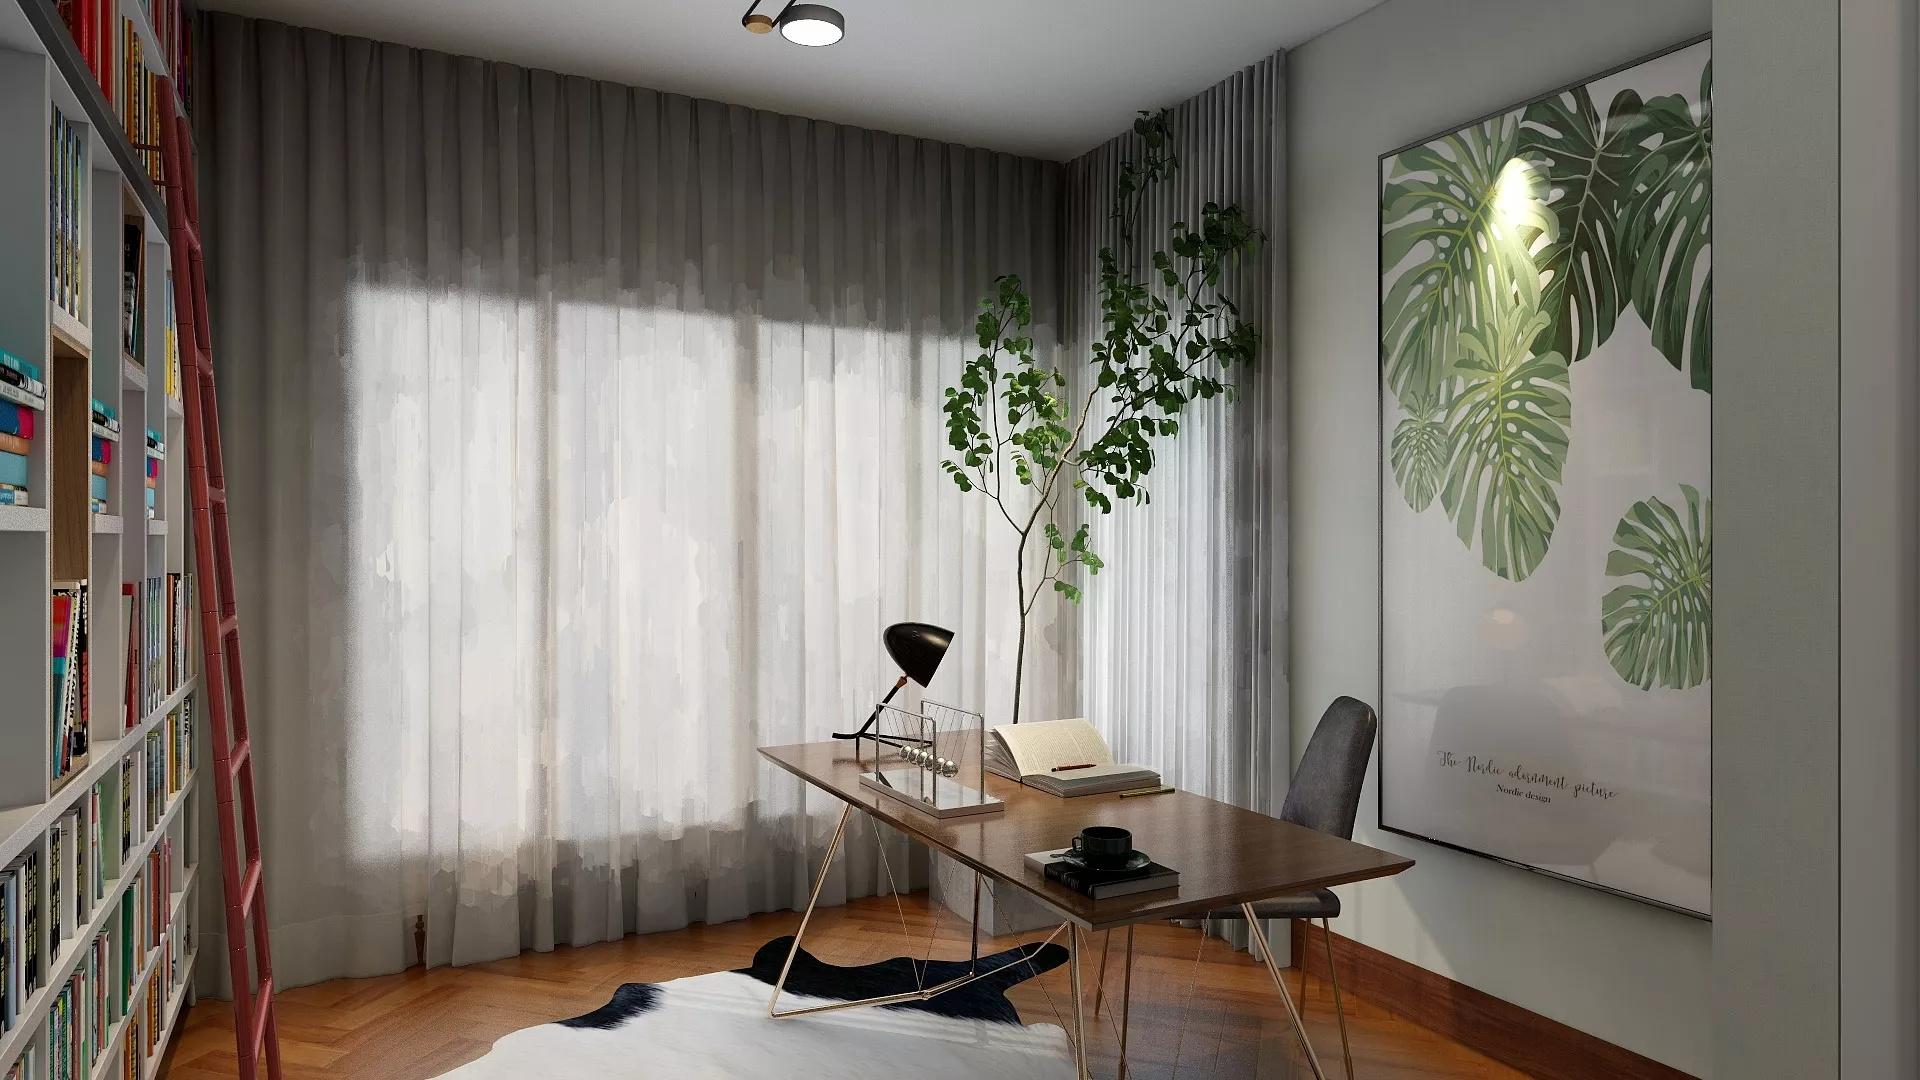 客厅风水字画该如何进行布置